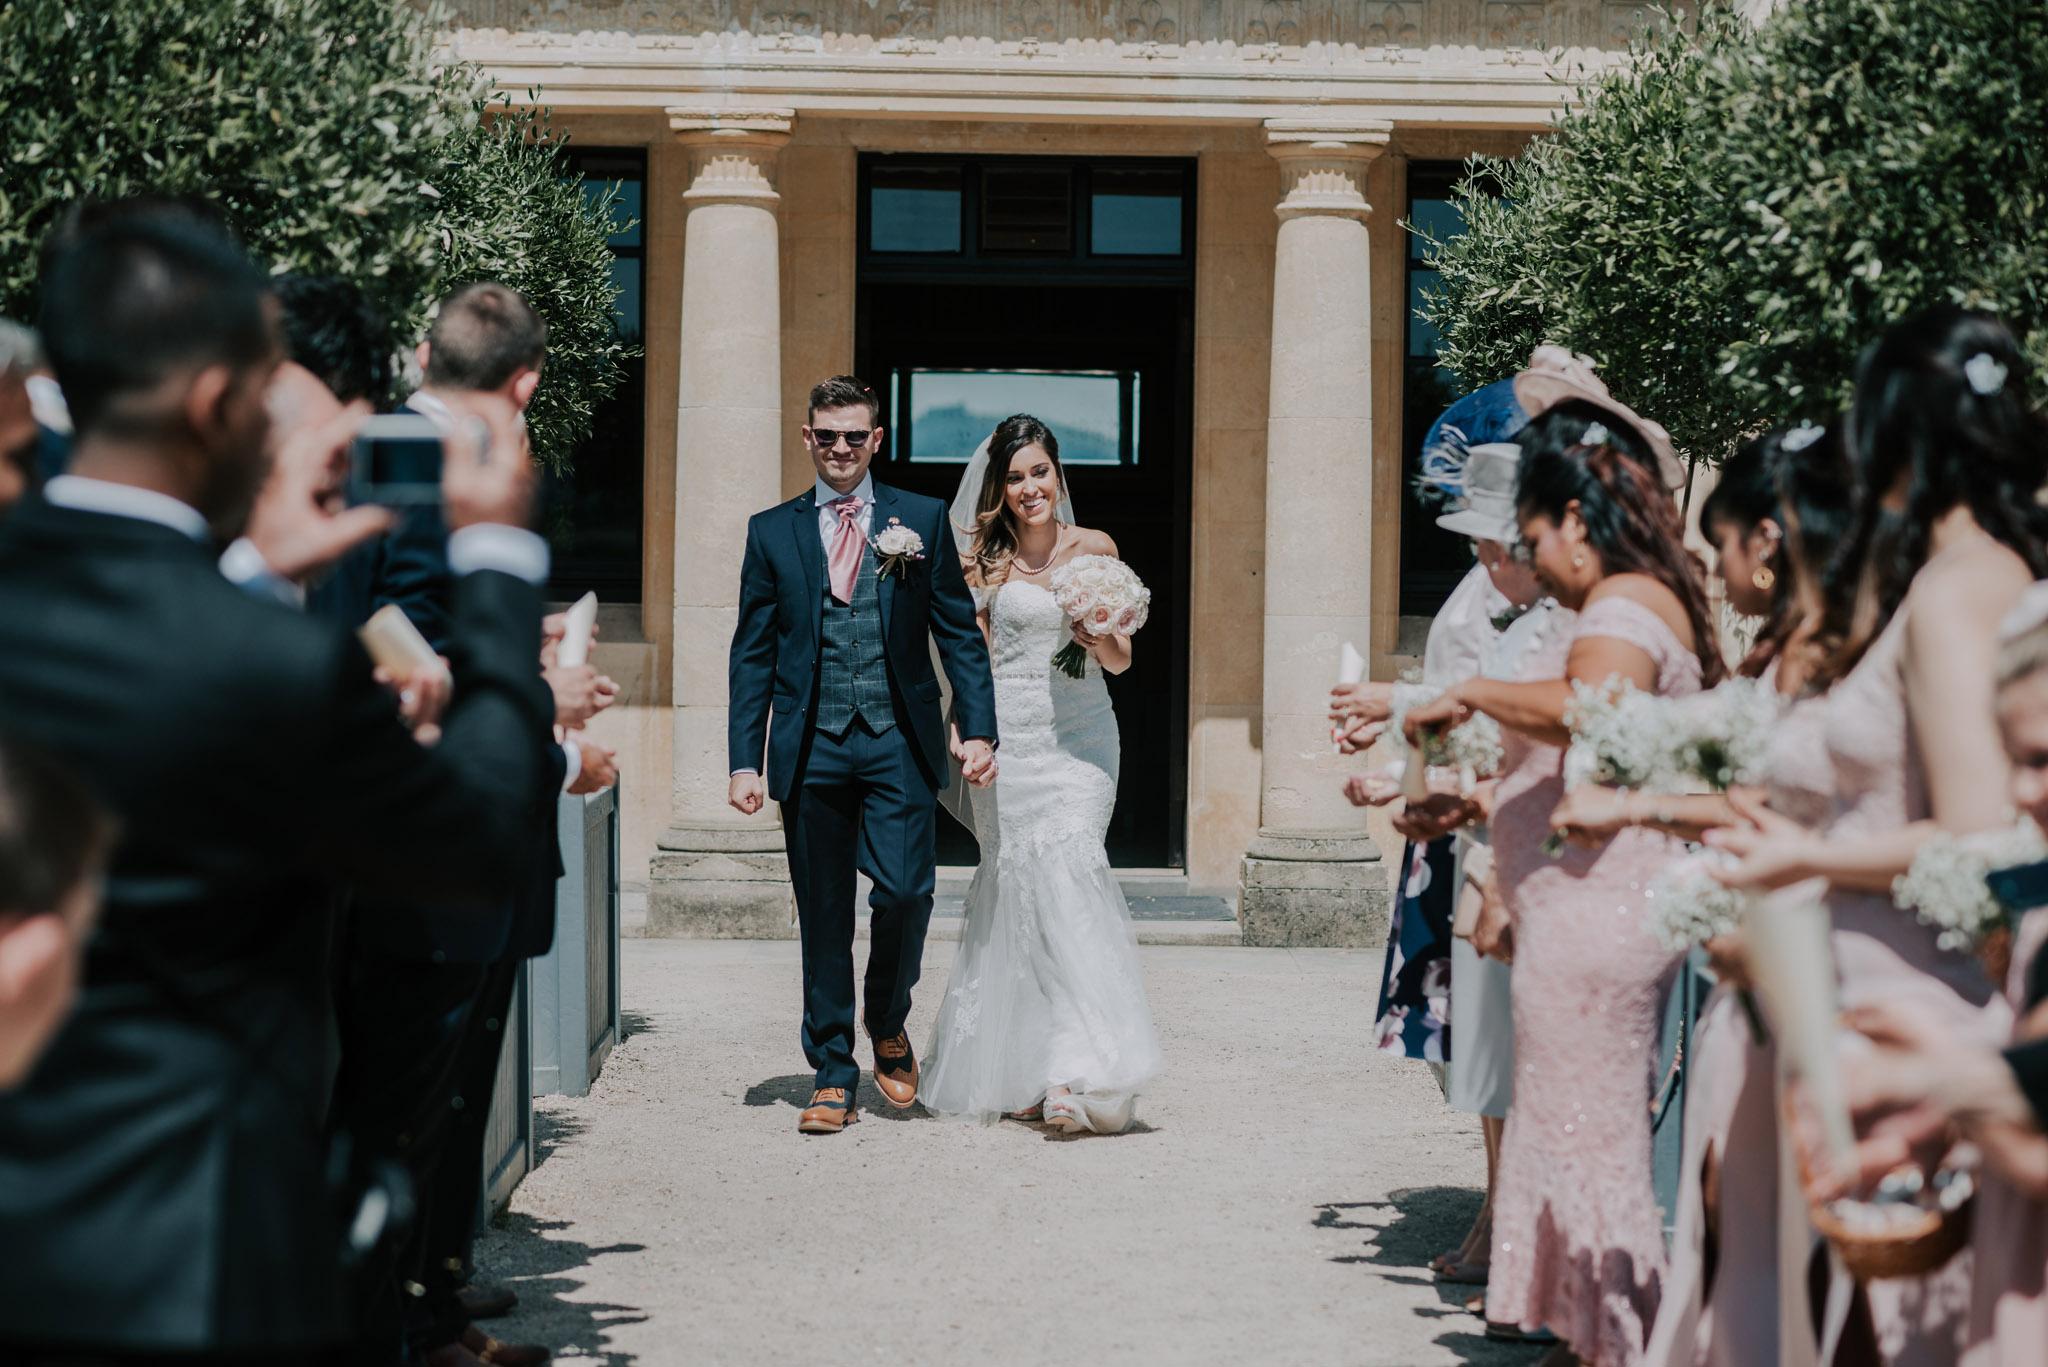 scott-stockwell-wedding-photographer-wood-norton-evesham195.jpg